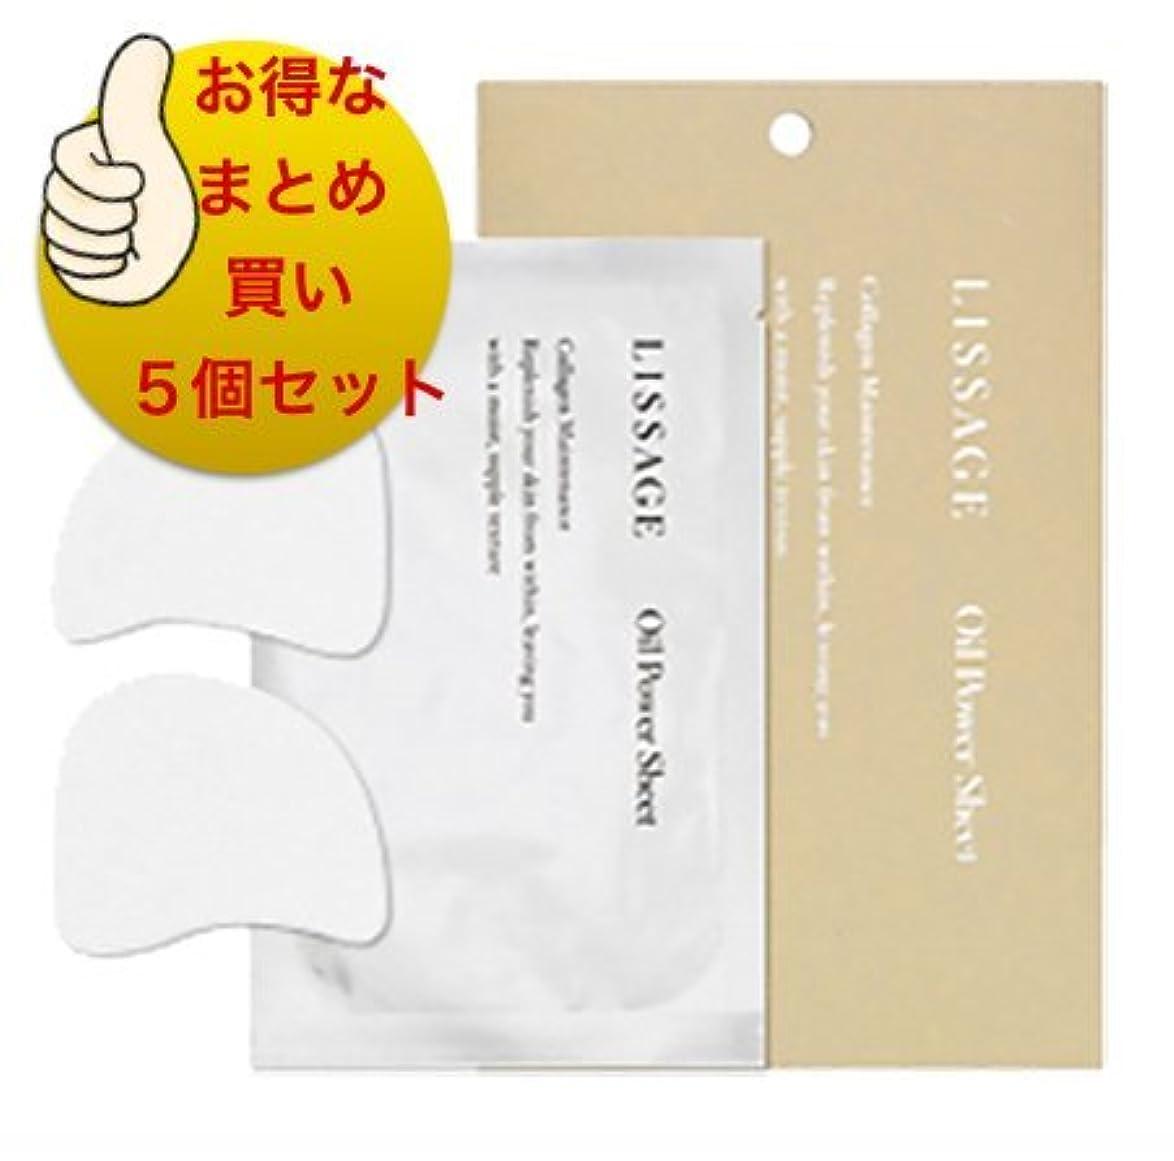 トリプル木材菊【リサージ】LISSAGE (リサージ) オイルパワーシート (3セット (6枚)) .の5個まとめ買いセット